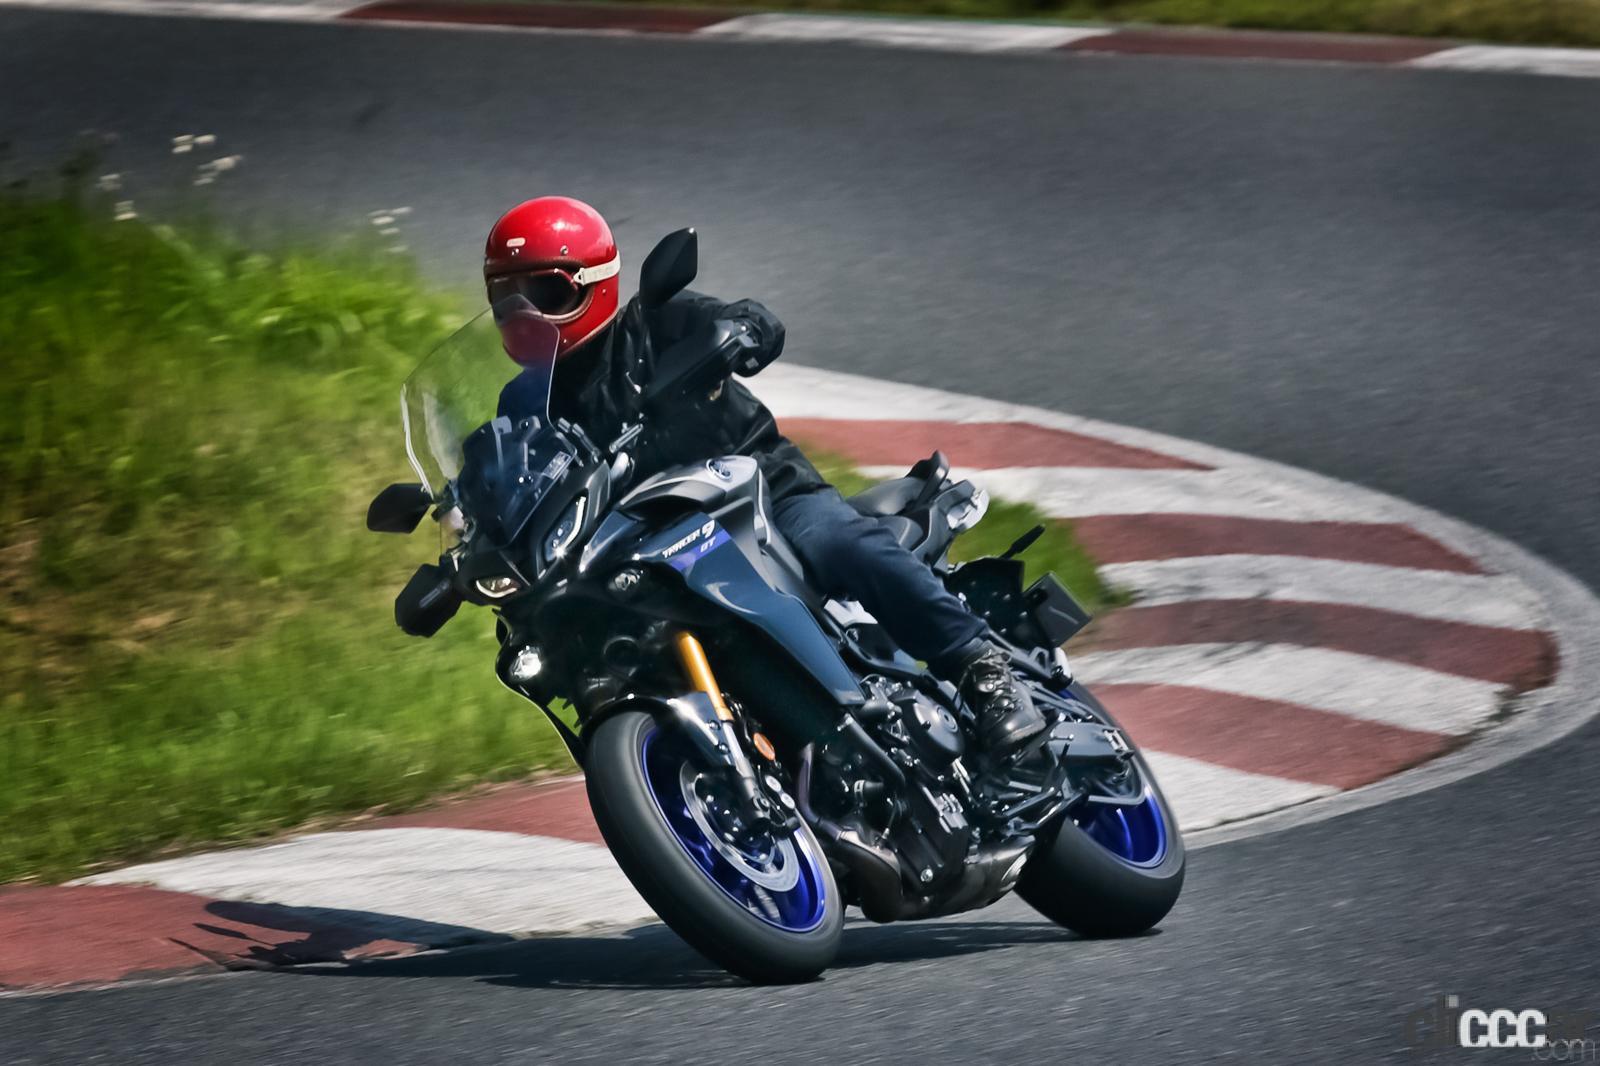 「何キロでも走れる超快適仕様! ヤマハTRACER9 GT ABSは電子制御の恩恵をフルに体感できる高性能スポーツツアラー」の2枚目の画像